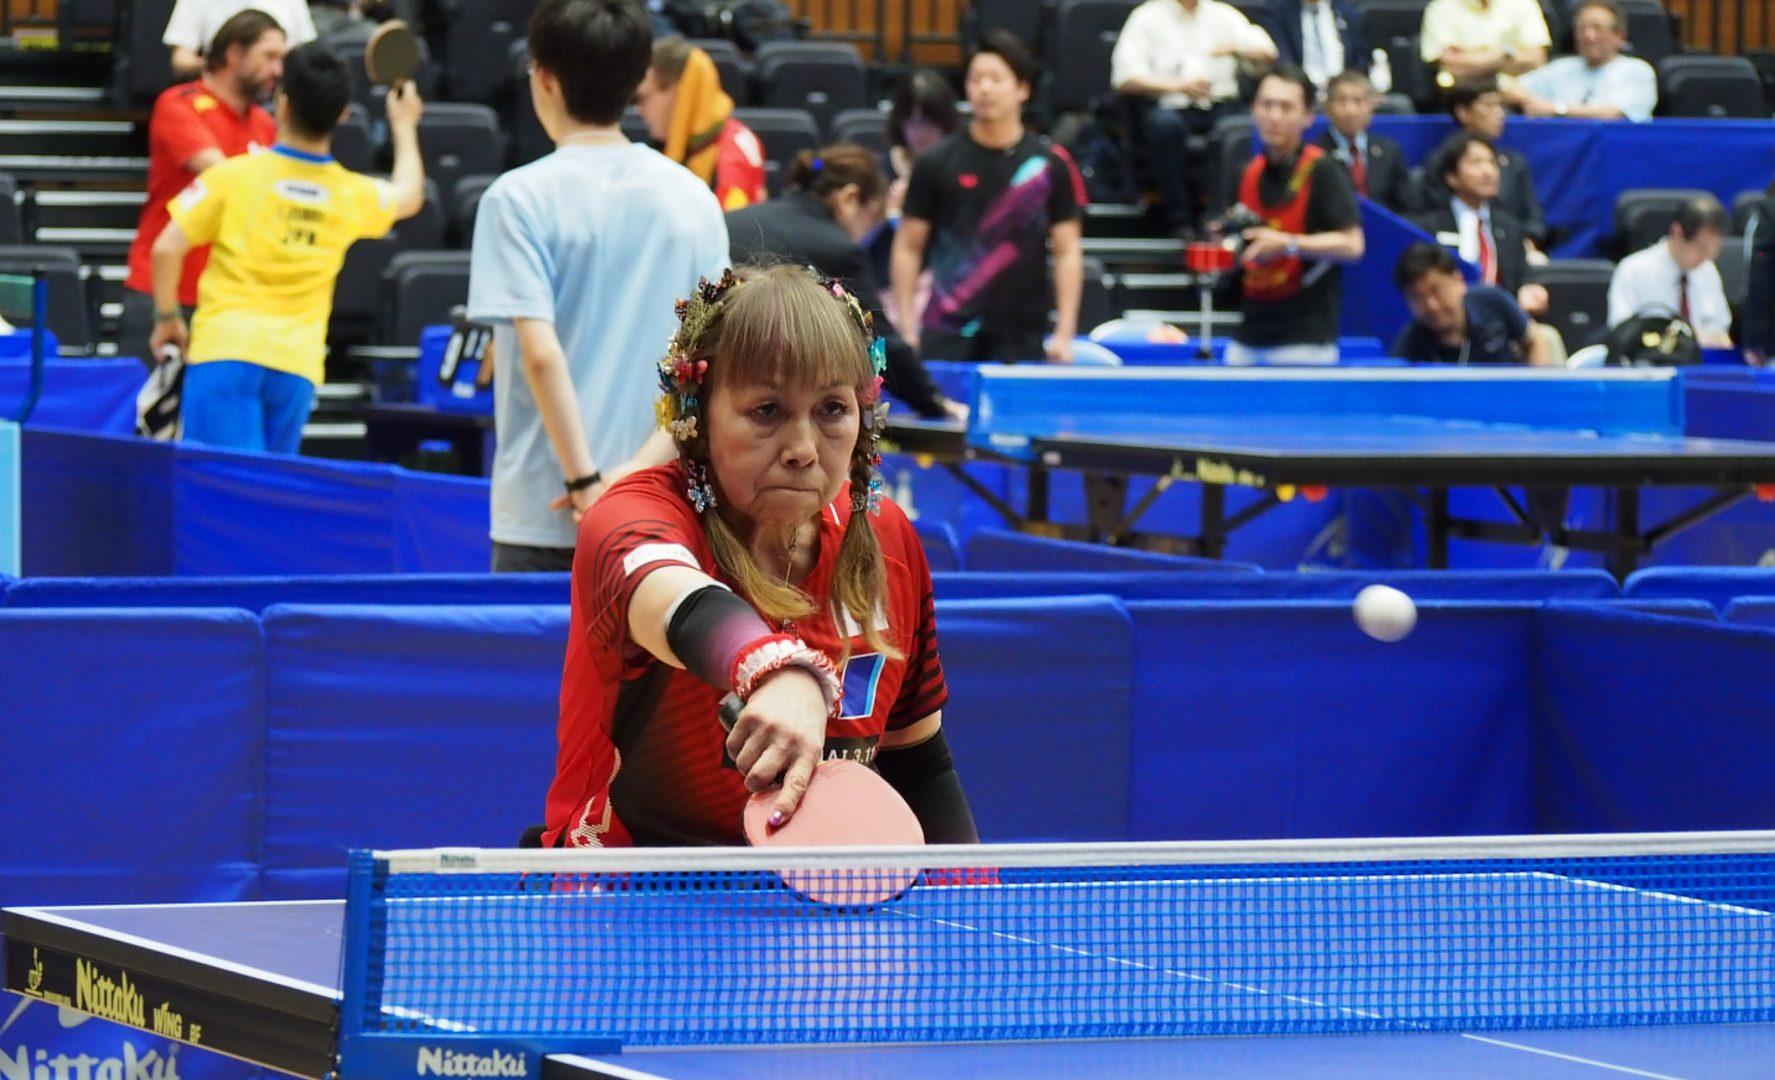 【今週の日本の卓球】別所キミヱ、年齢感じさせない準優勝 パラジャパンオープン全日程終了